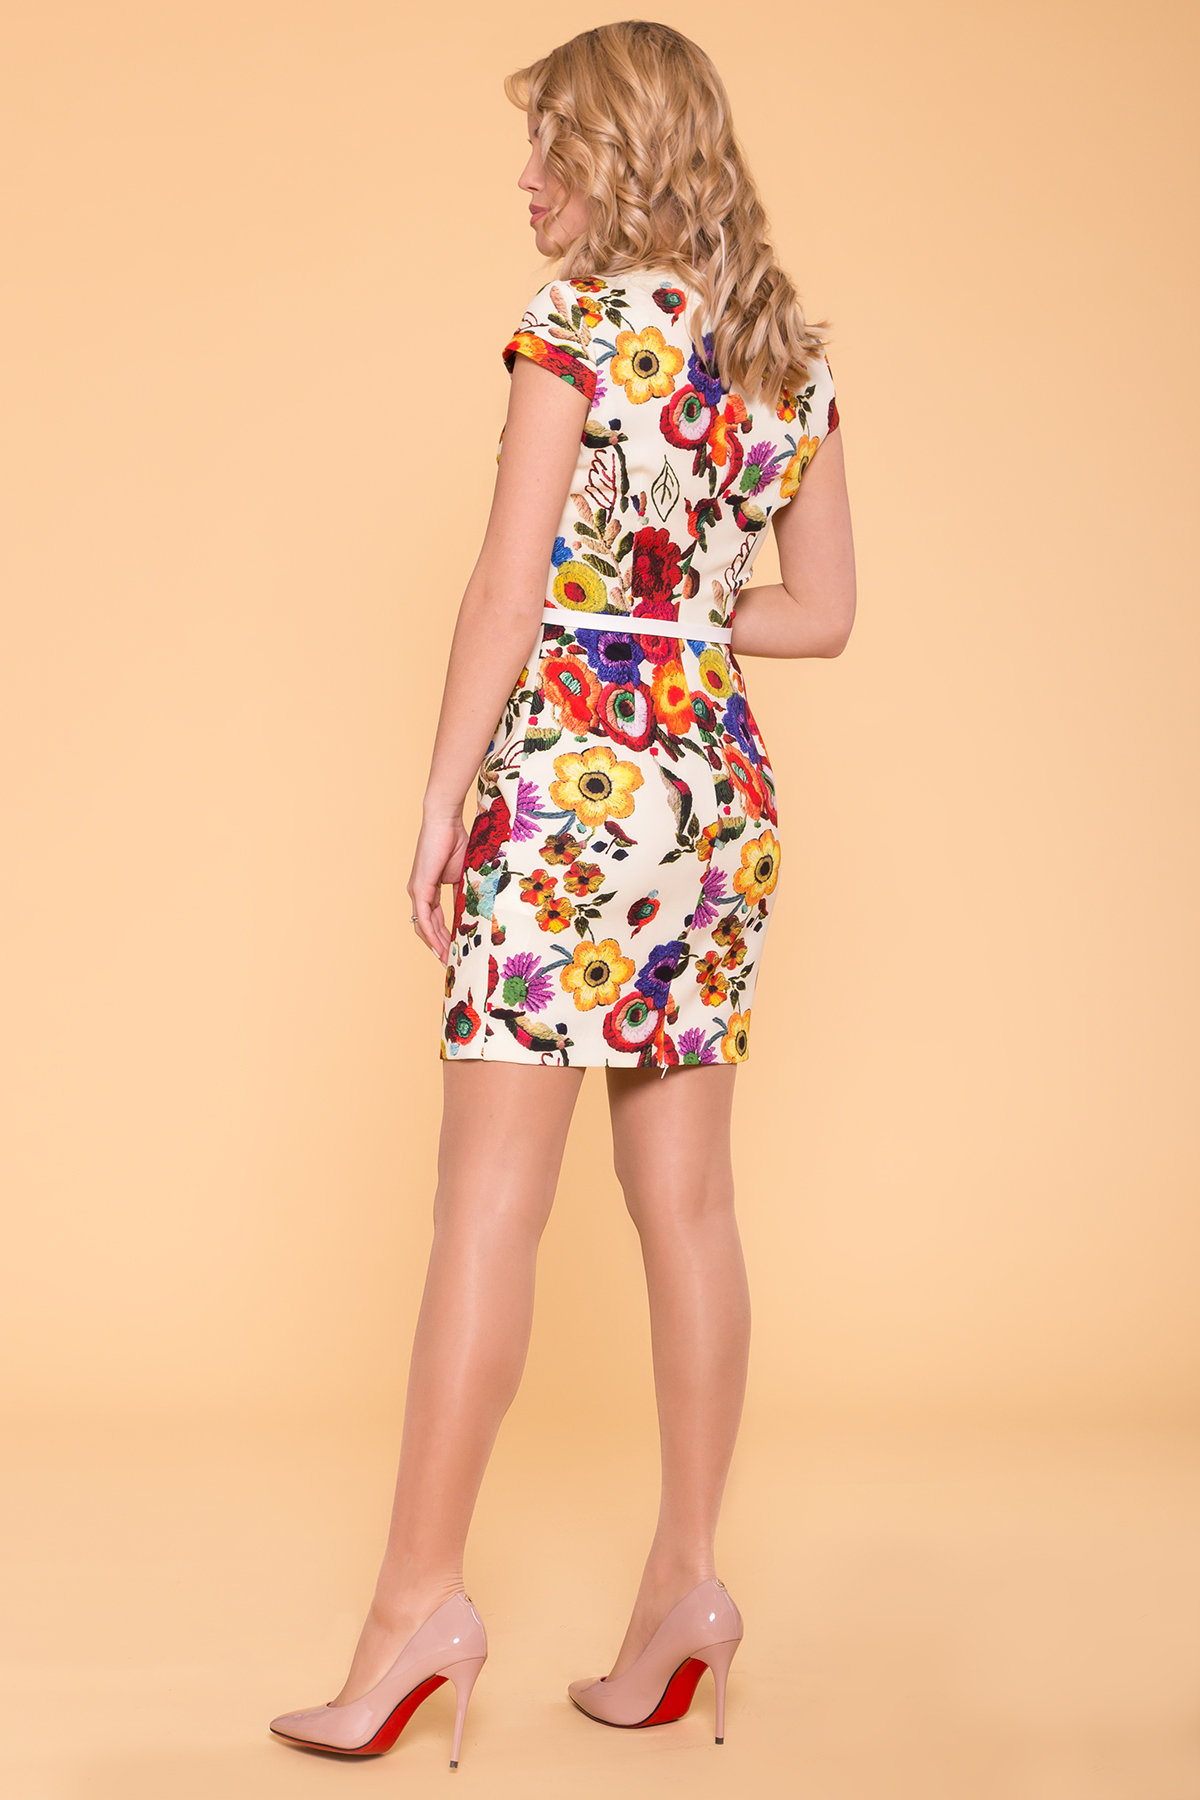 Платье Пиония лайт 942 АРТ. 42007 Цвет: Цветы комби молоко - фото 2, интернет магазин tm-modus.ru